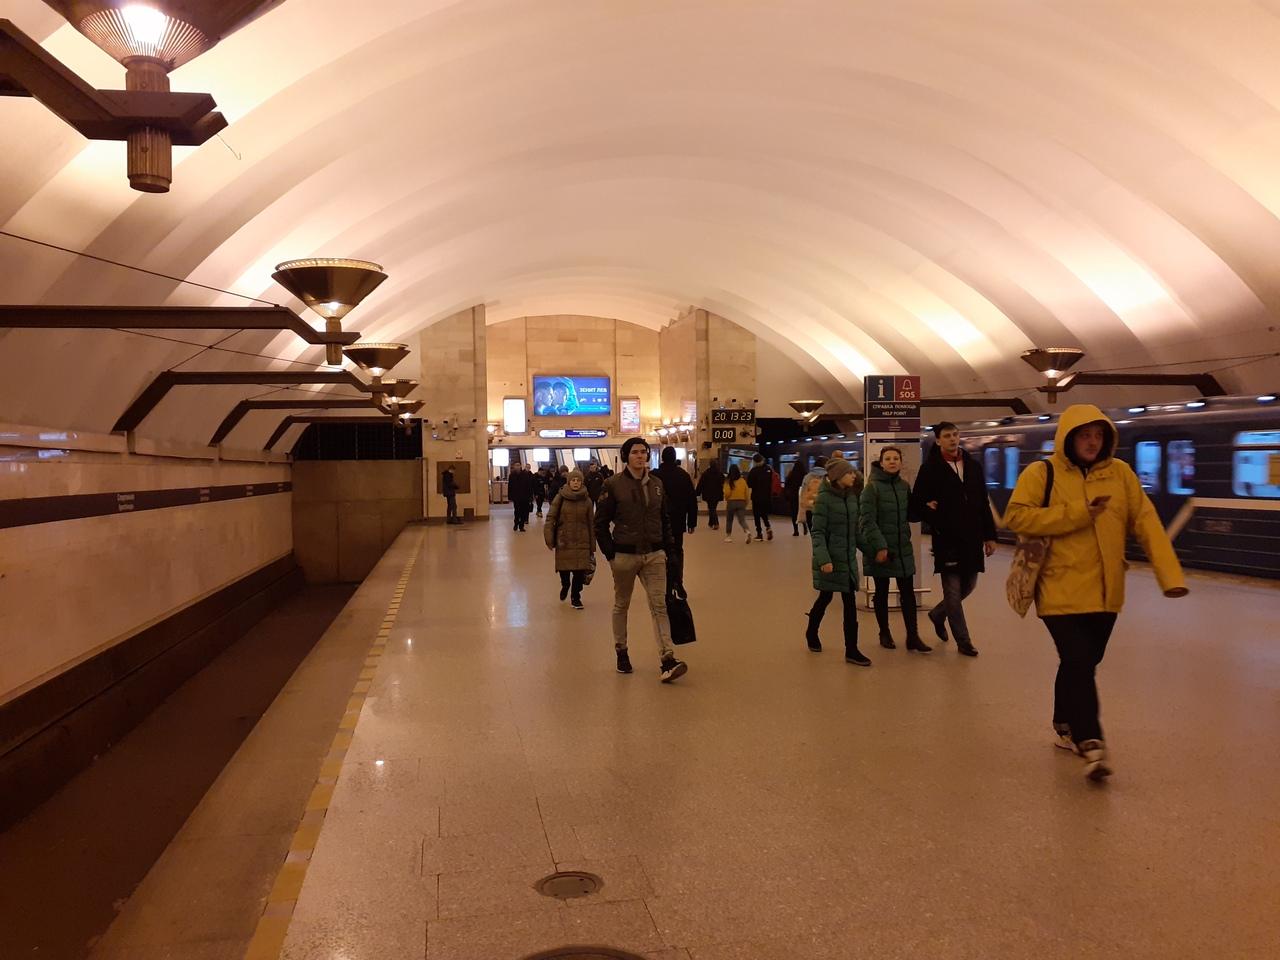 Спортивная - самая необычная станция метро Петербурга. Два этажа и мертвые тоннели